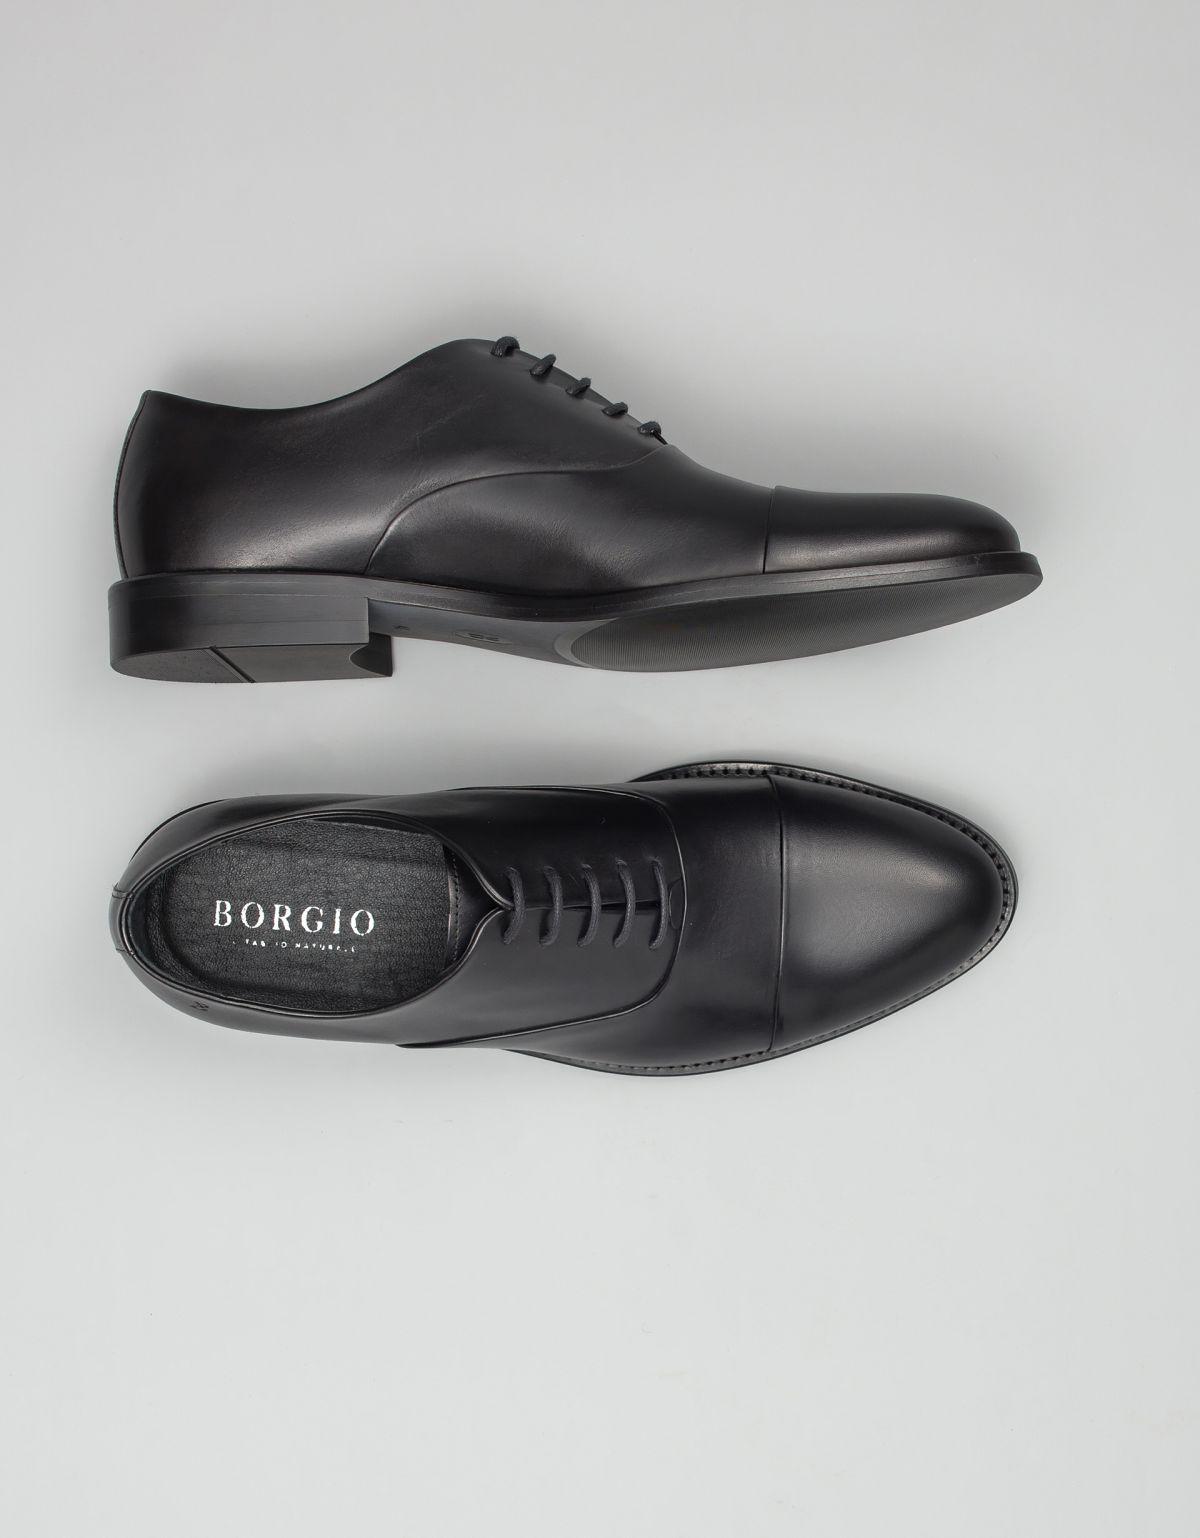 Czarne oxfordy - propozycja butów do granatowego garnituru